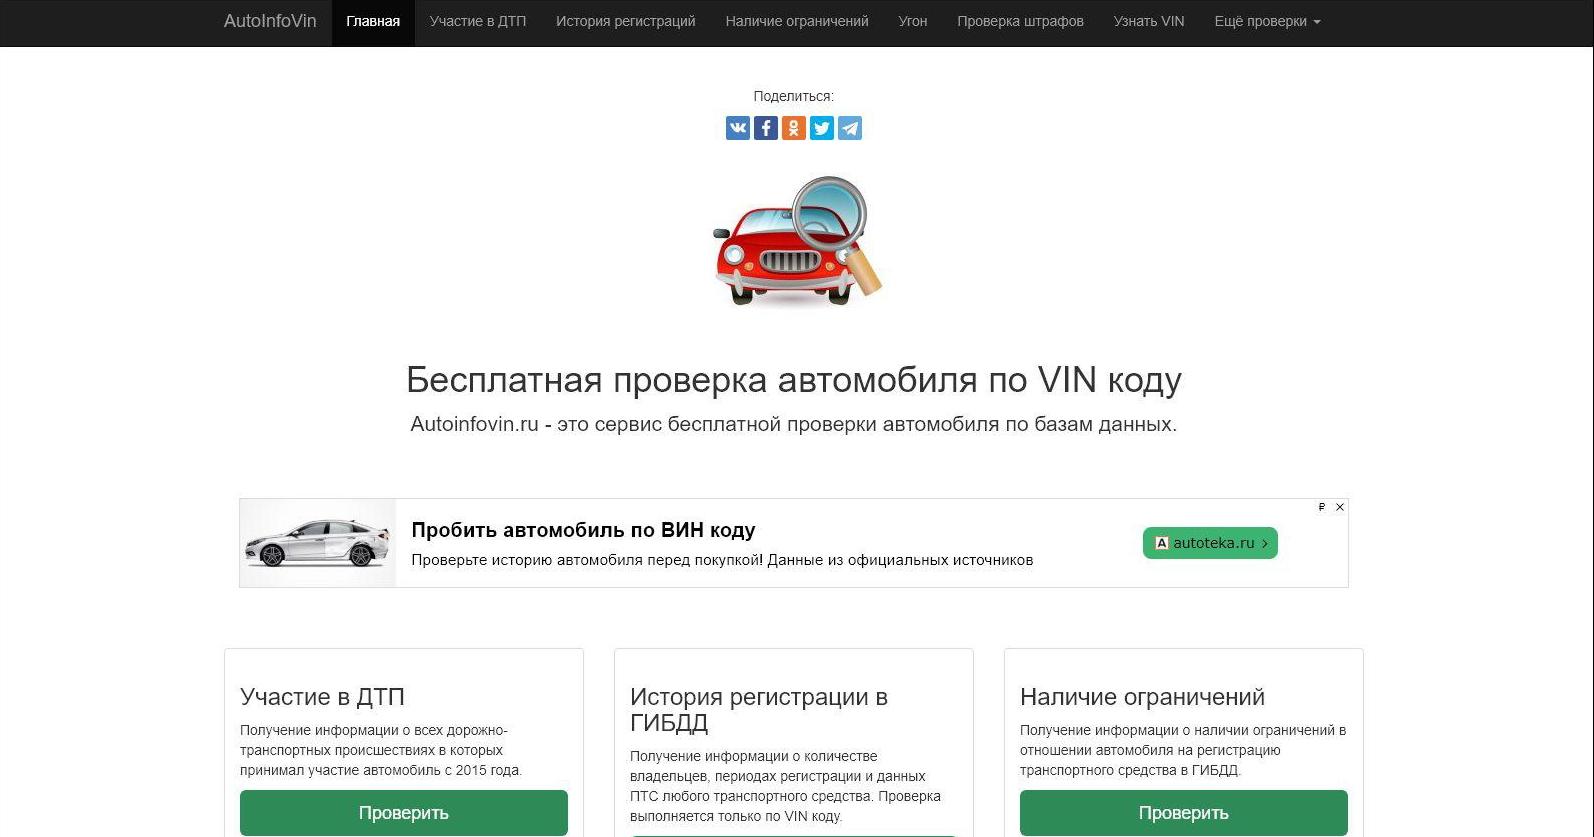 Проверка авто по вин-коду на сайте autoinfovin.ru